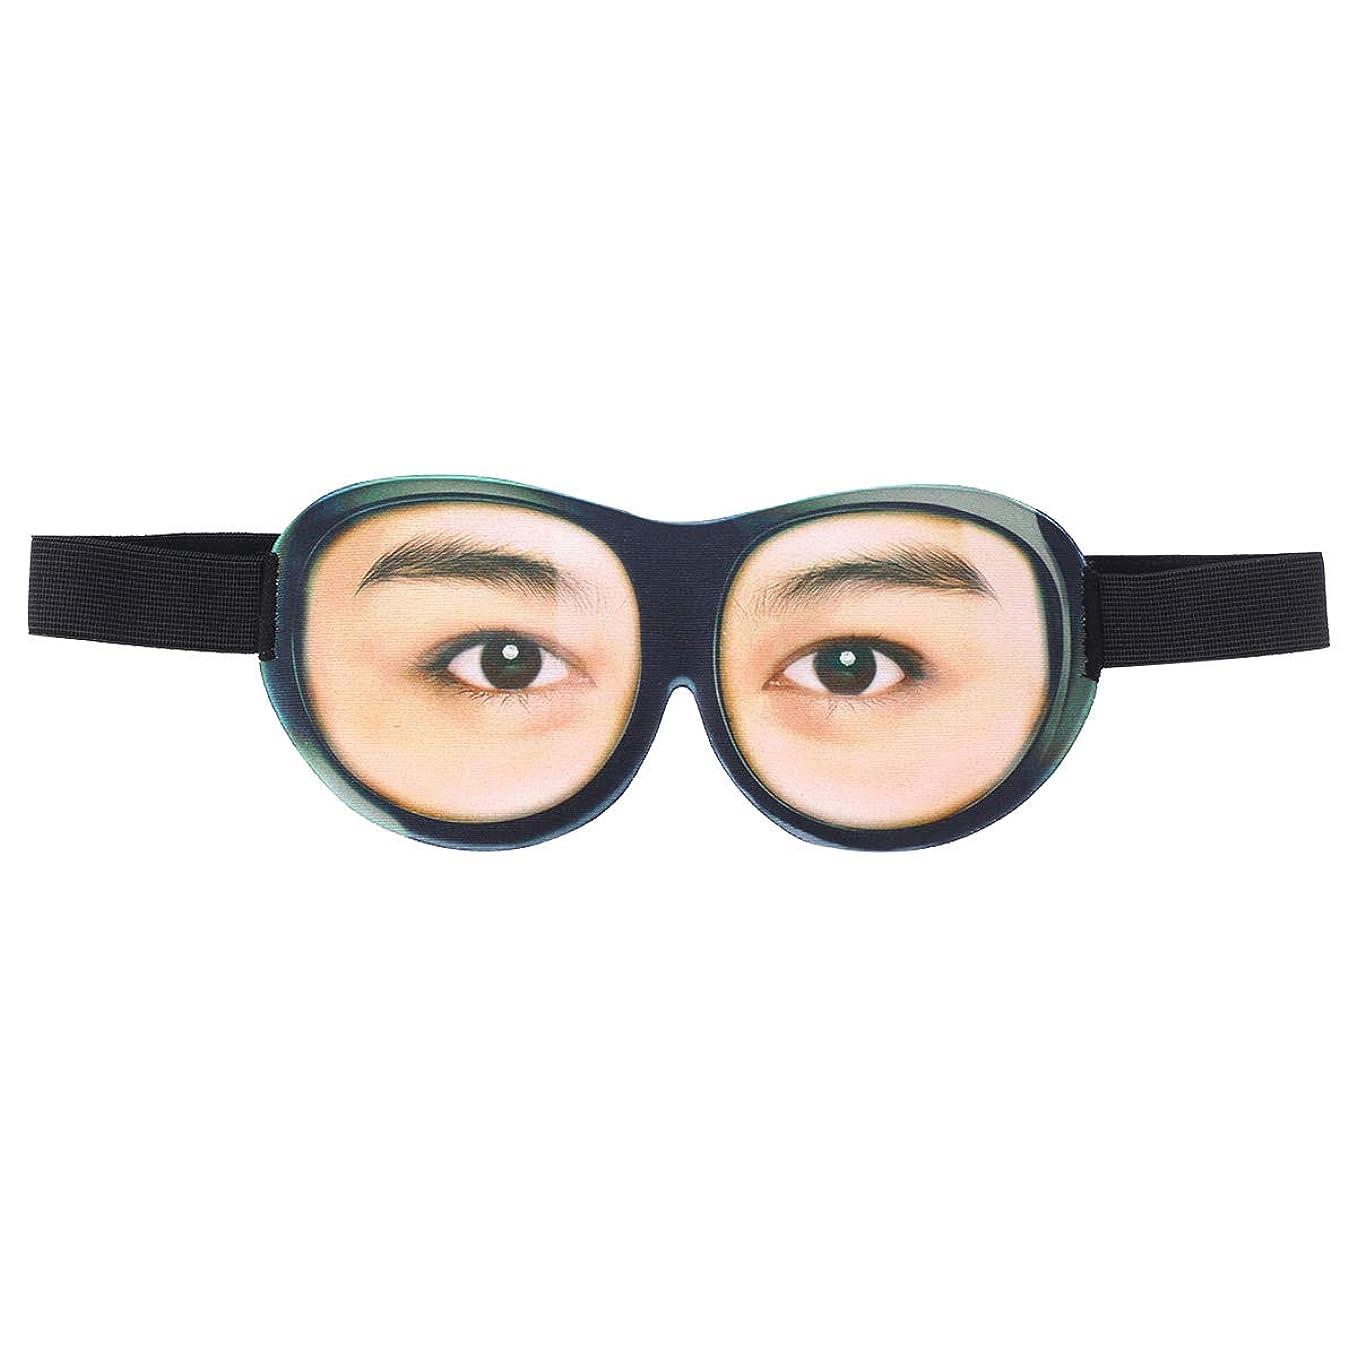 酸っぱいドットスクリーチHealifty 3D面白いアイシェード睡眠マスク旅行アイマスク目隠し睡眠ヘルパーアイシェード男性女性旅行昼寝と深い眠り(優しいふりをする)